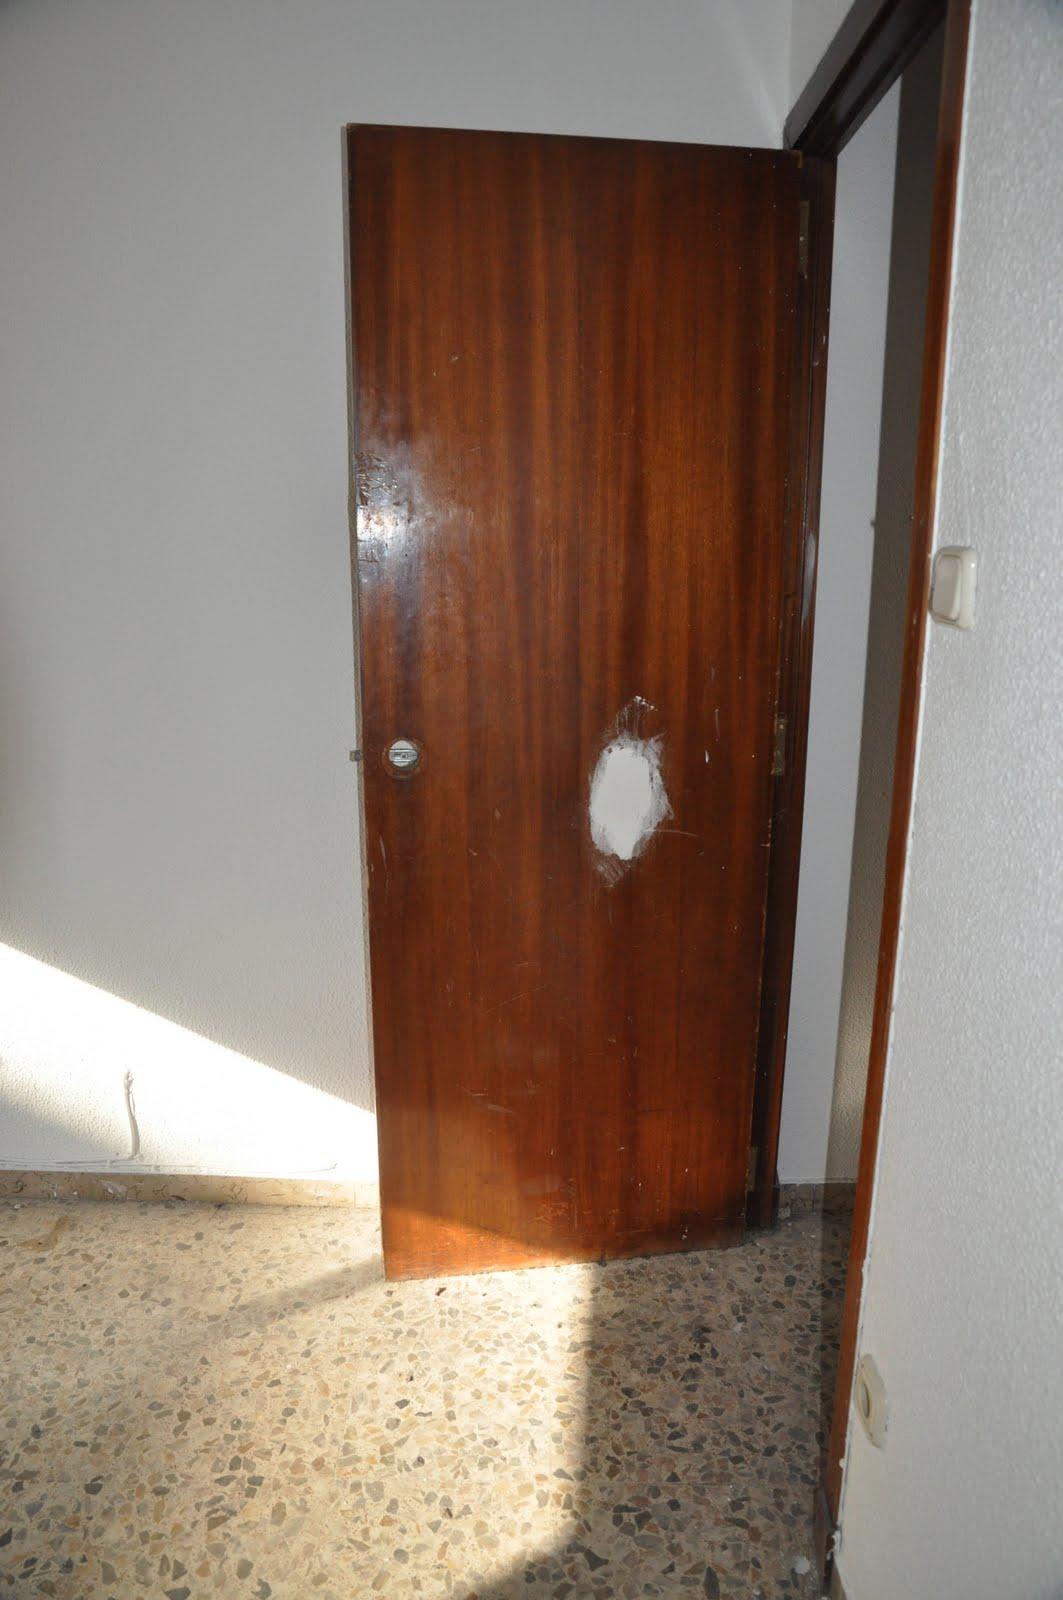 Esp ritu chamarilero lacar puertas en blanco y cambiar - Lacar muebles en blanco precio ...